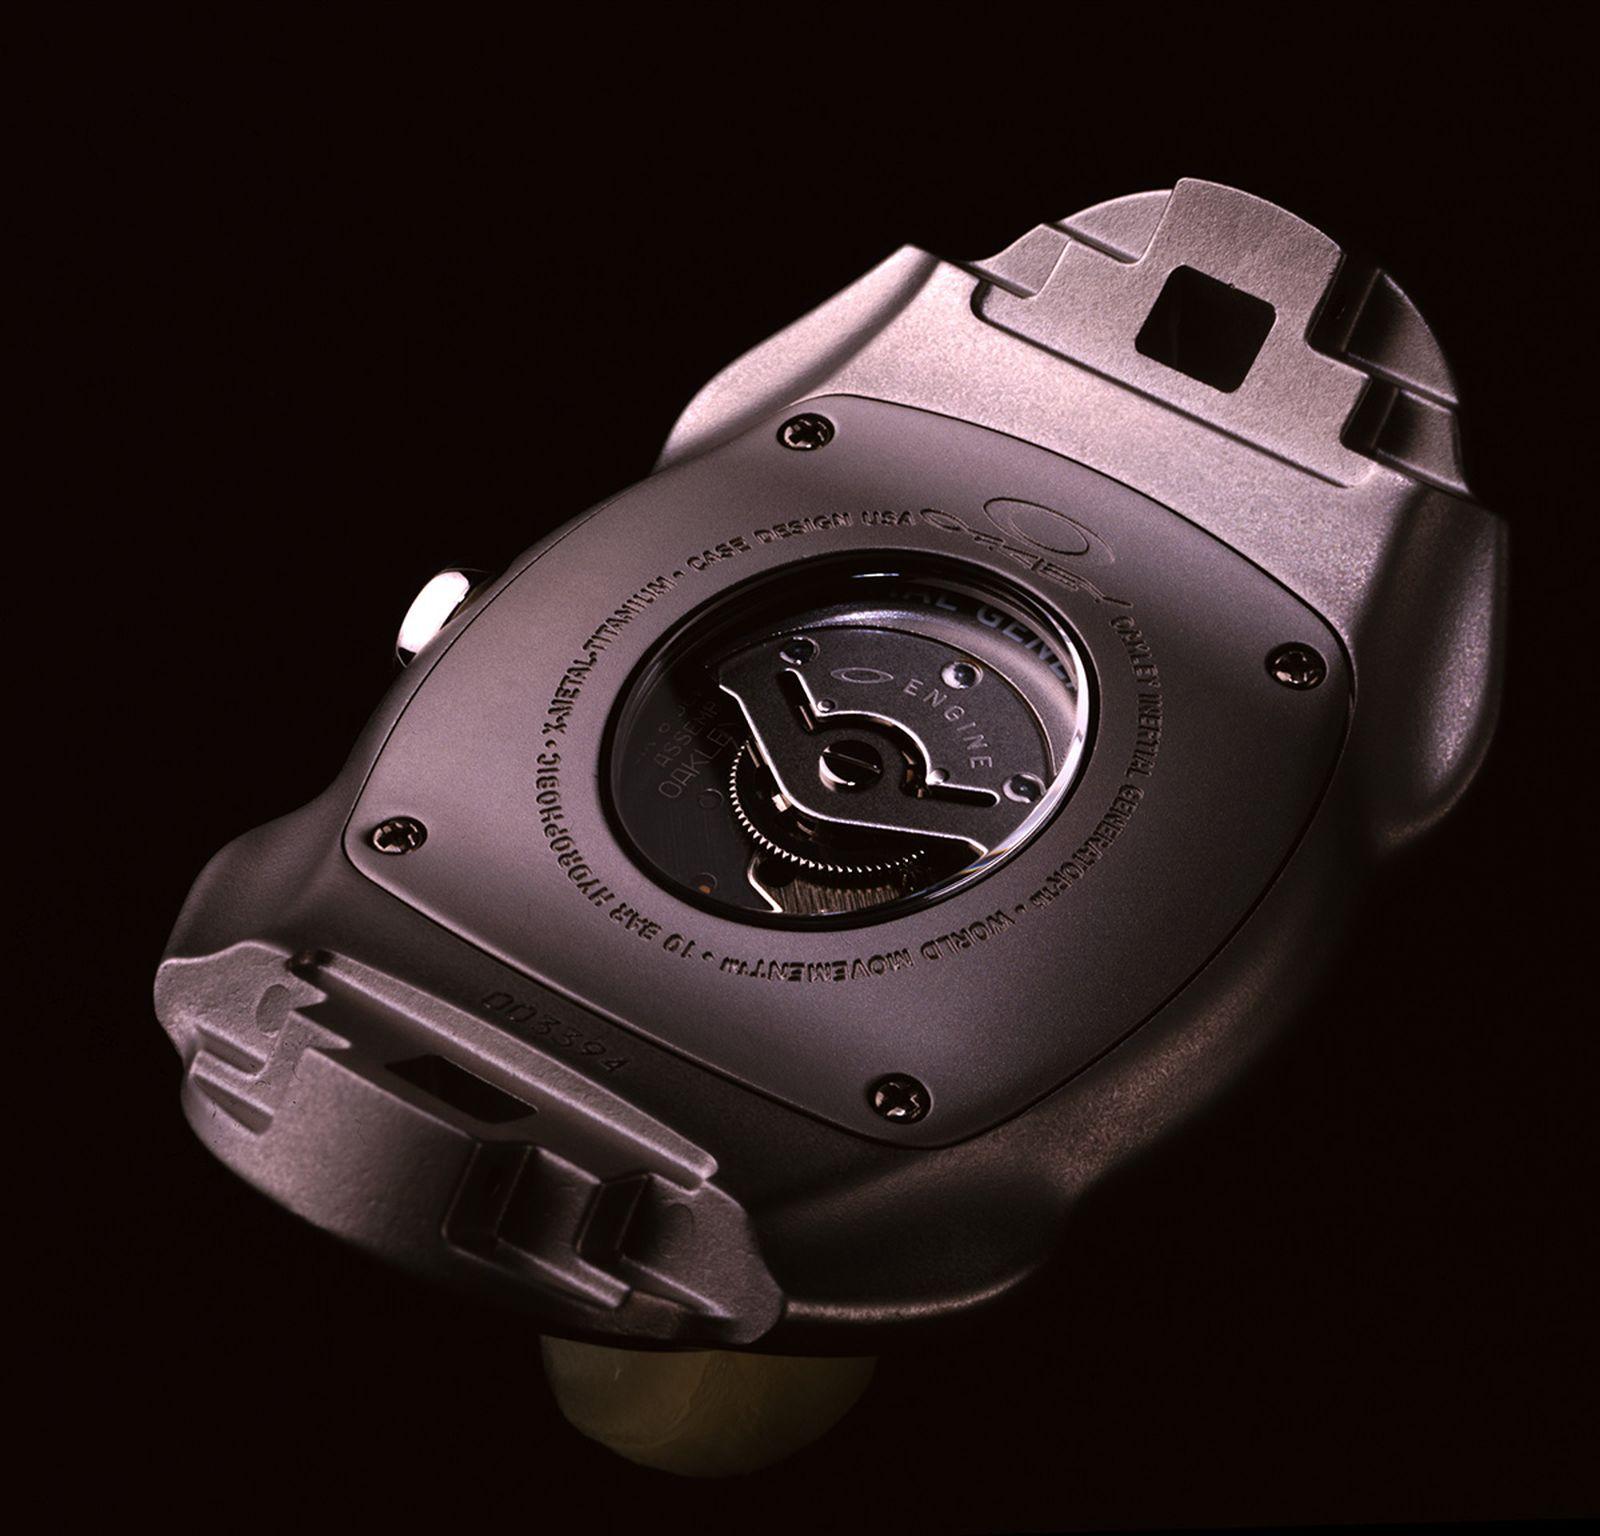 oakley-watches-watch-back-02